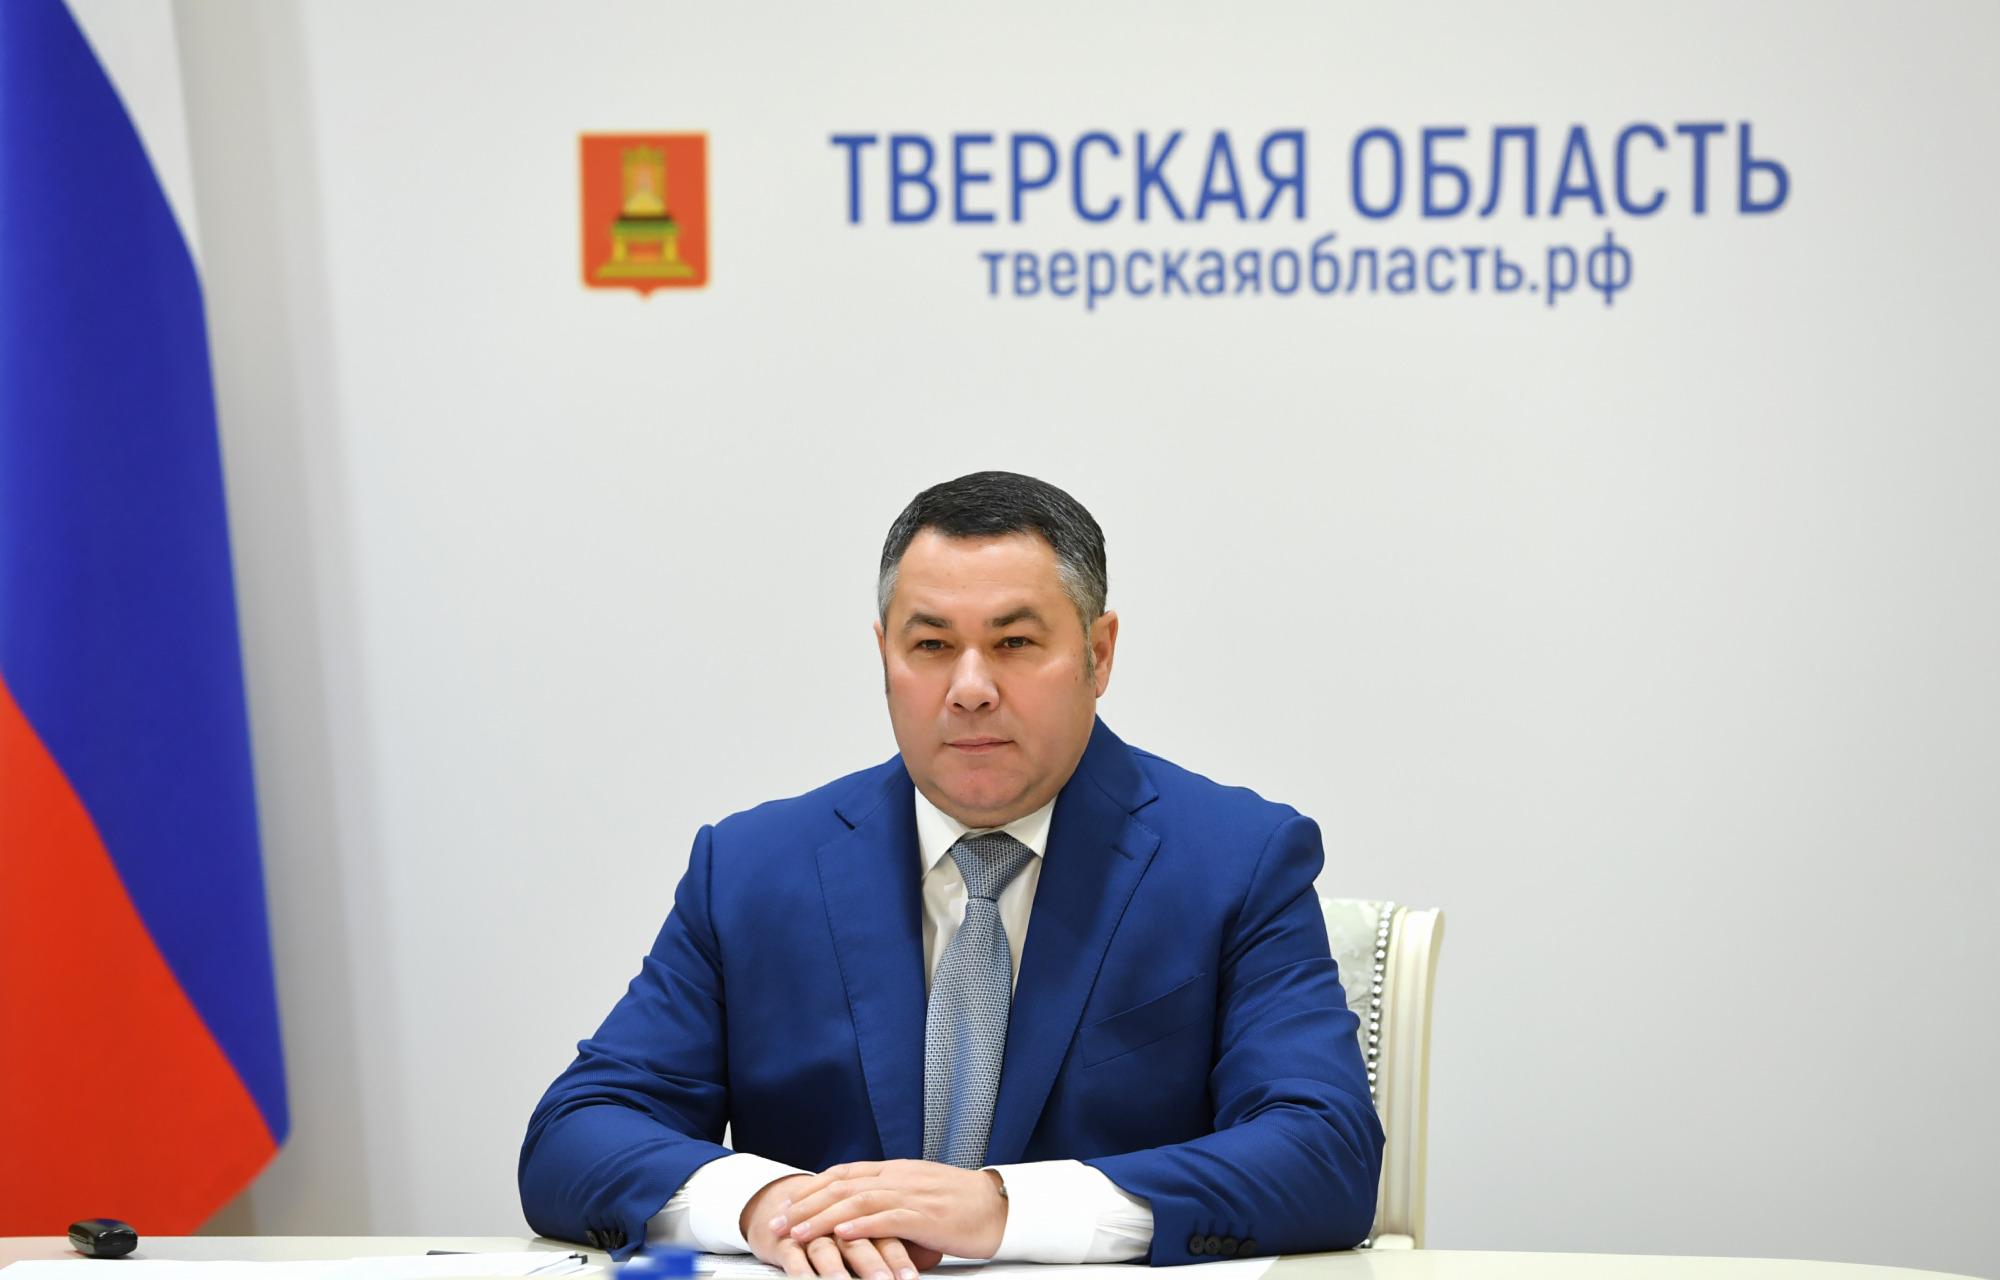 Игорь Руденя принял участие в заседании межведомственной рабочей группы по созданию культурно-исторического кластера в городе Твери